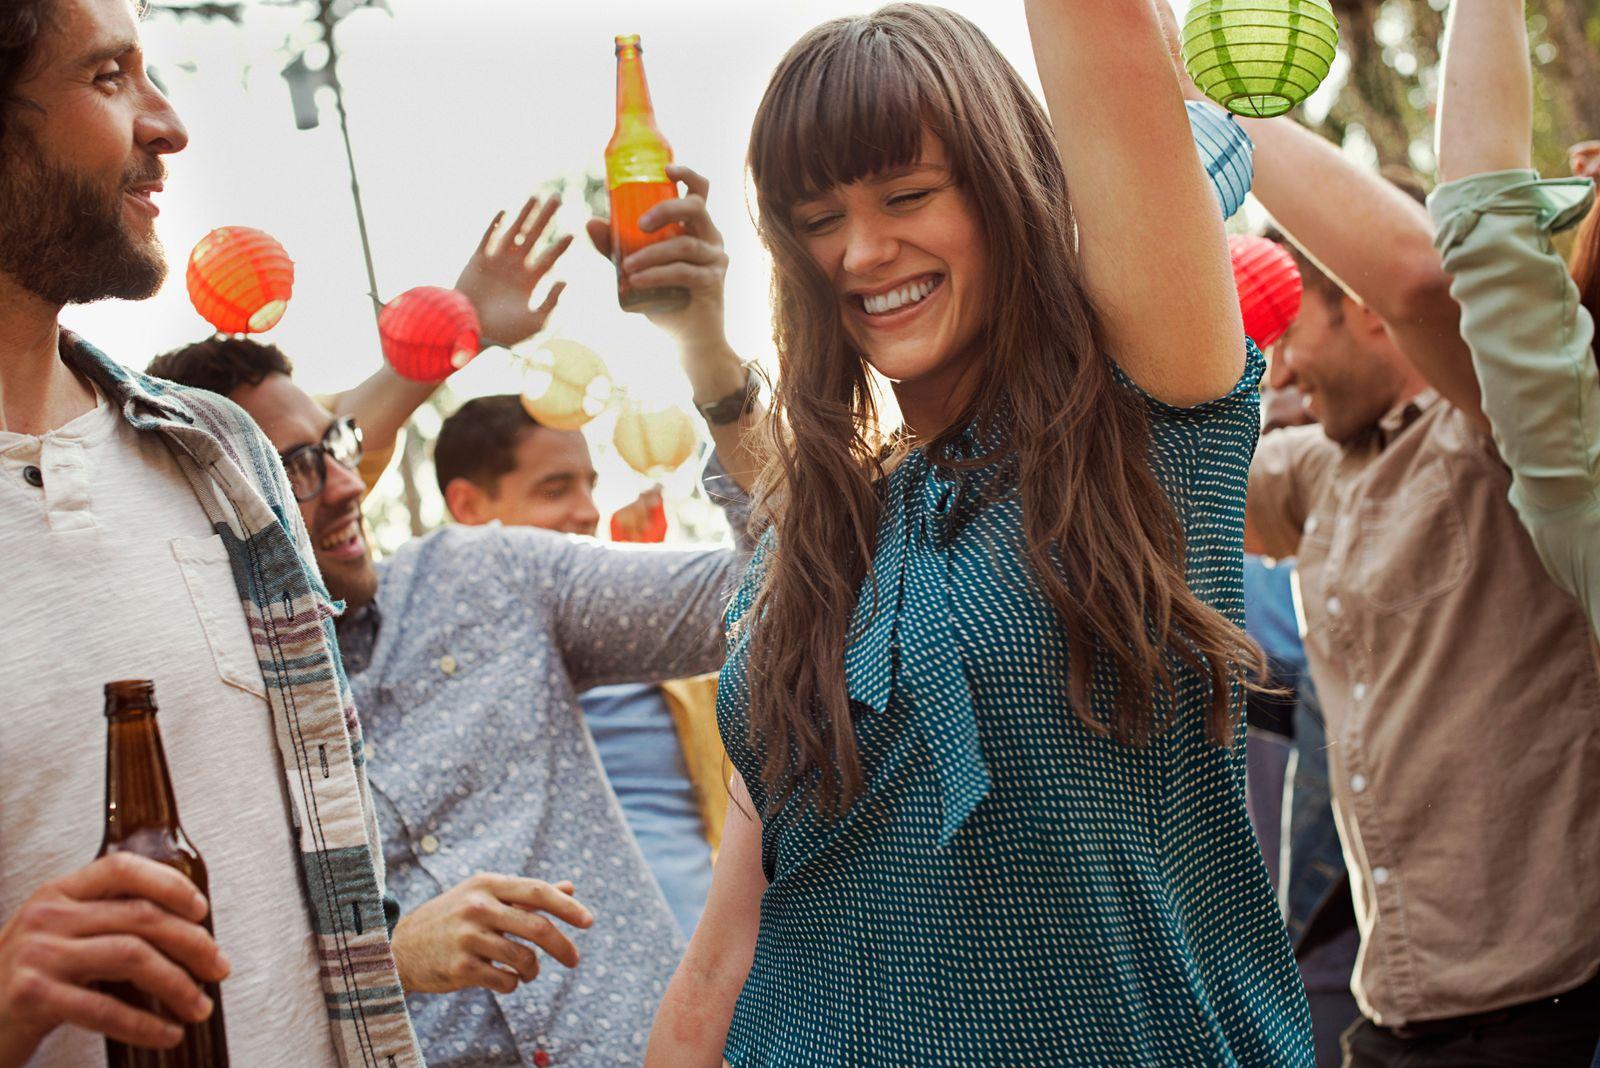 NICHT MEHR VERWENDEN! - Party / Trinken / Tanzen / Studenten